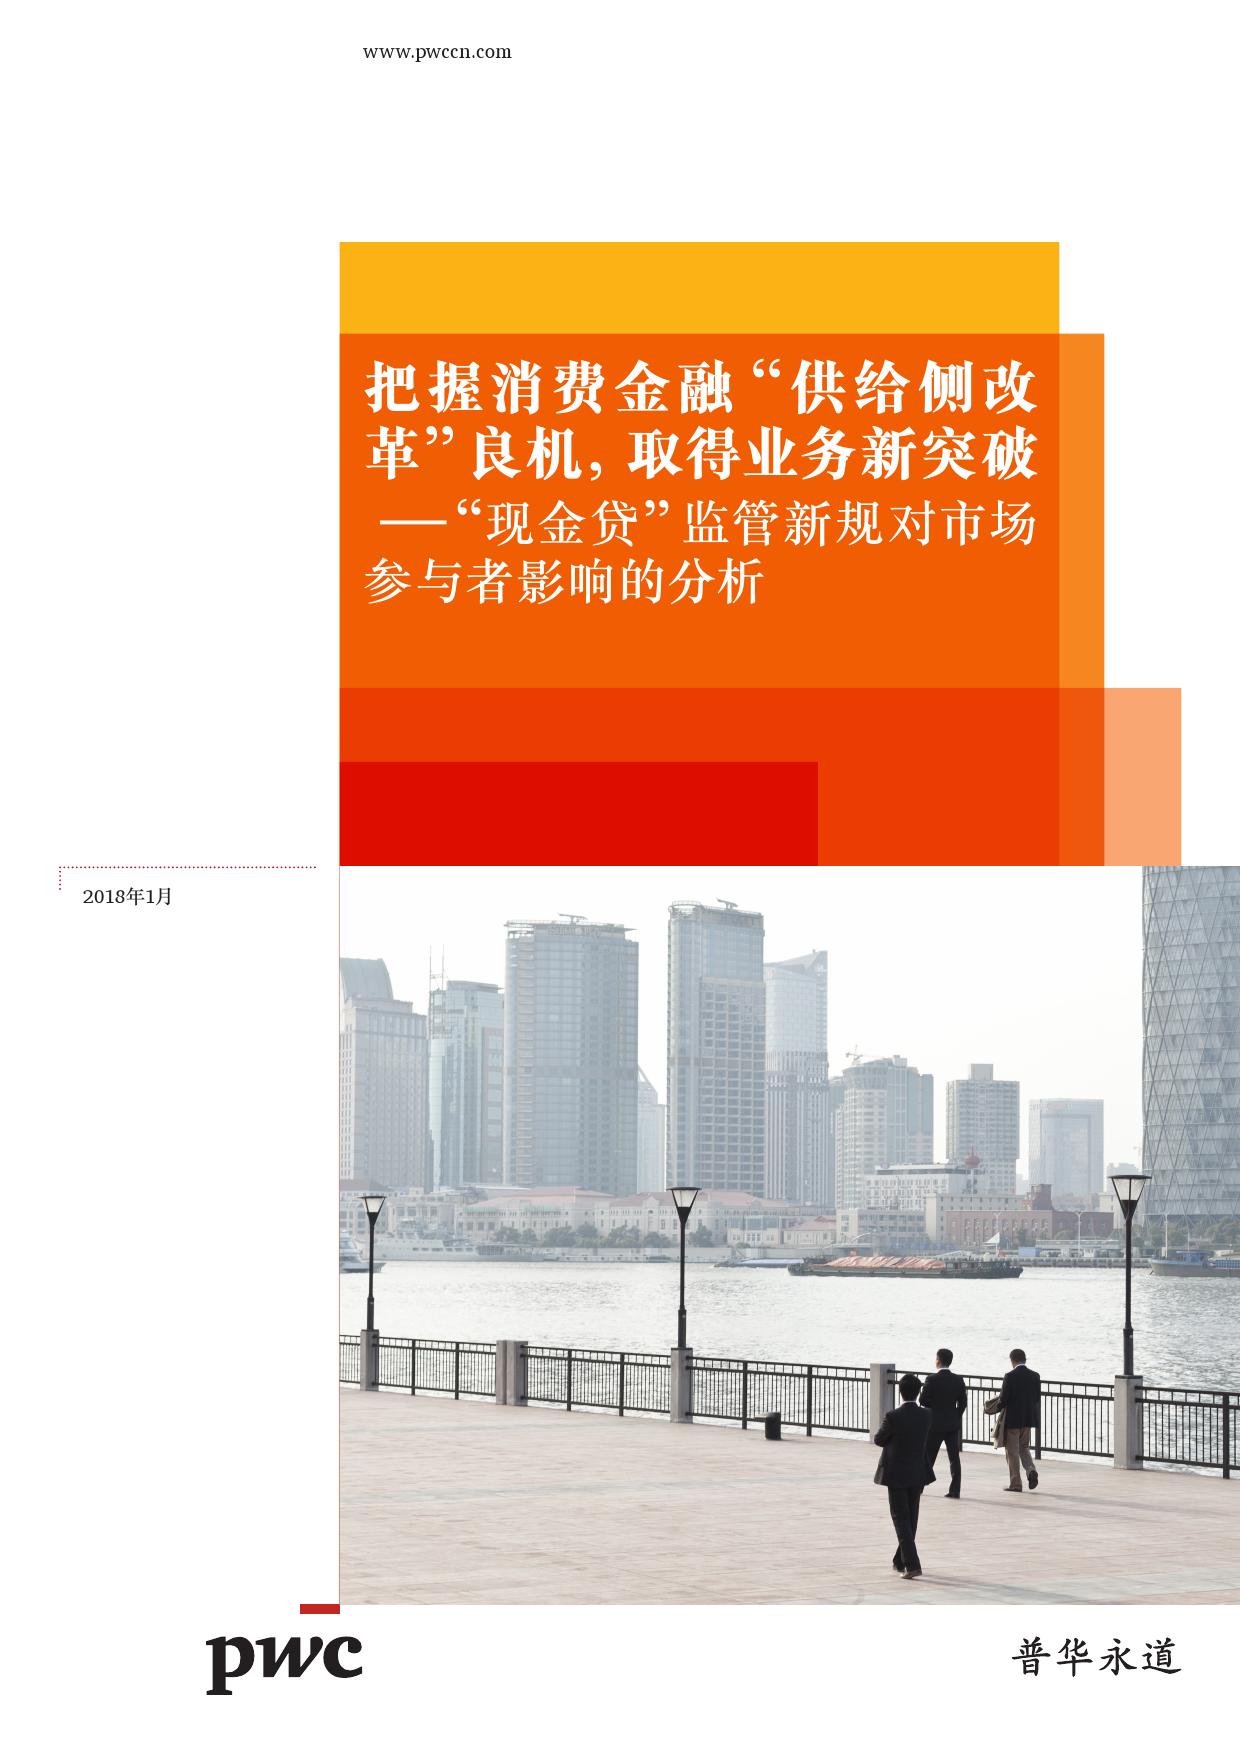 普华永道:现金贷监管新规对市场参与者影响的分析(附下载)